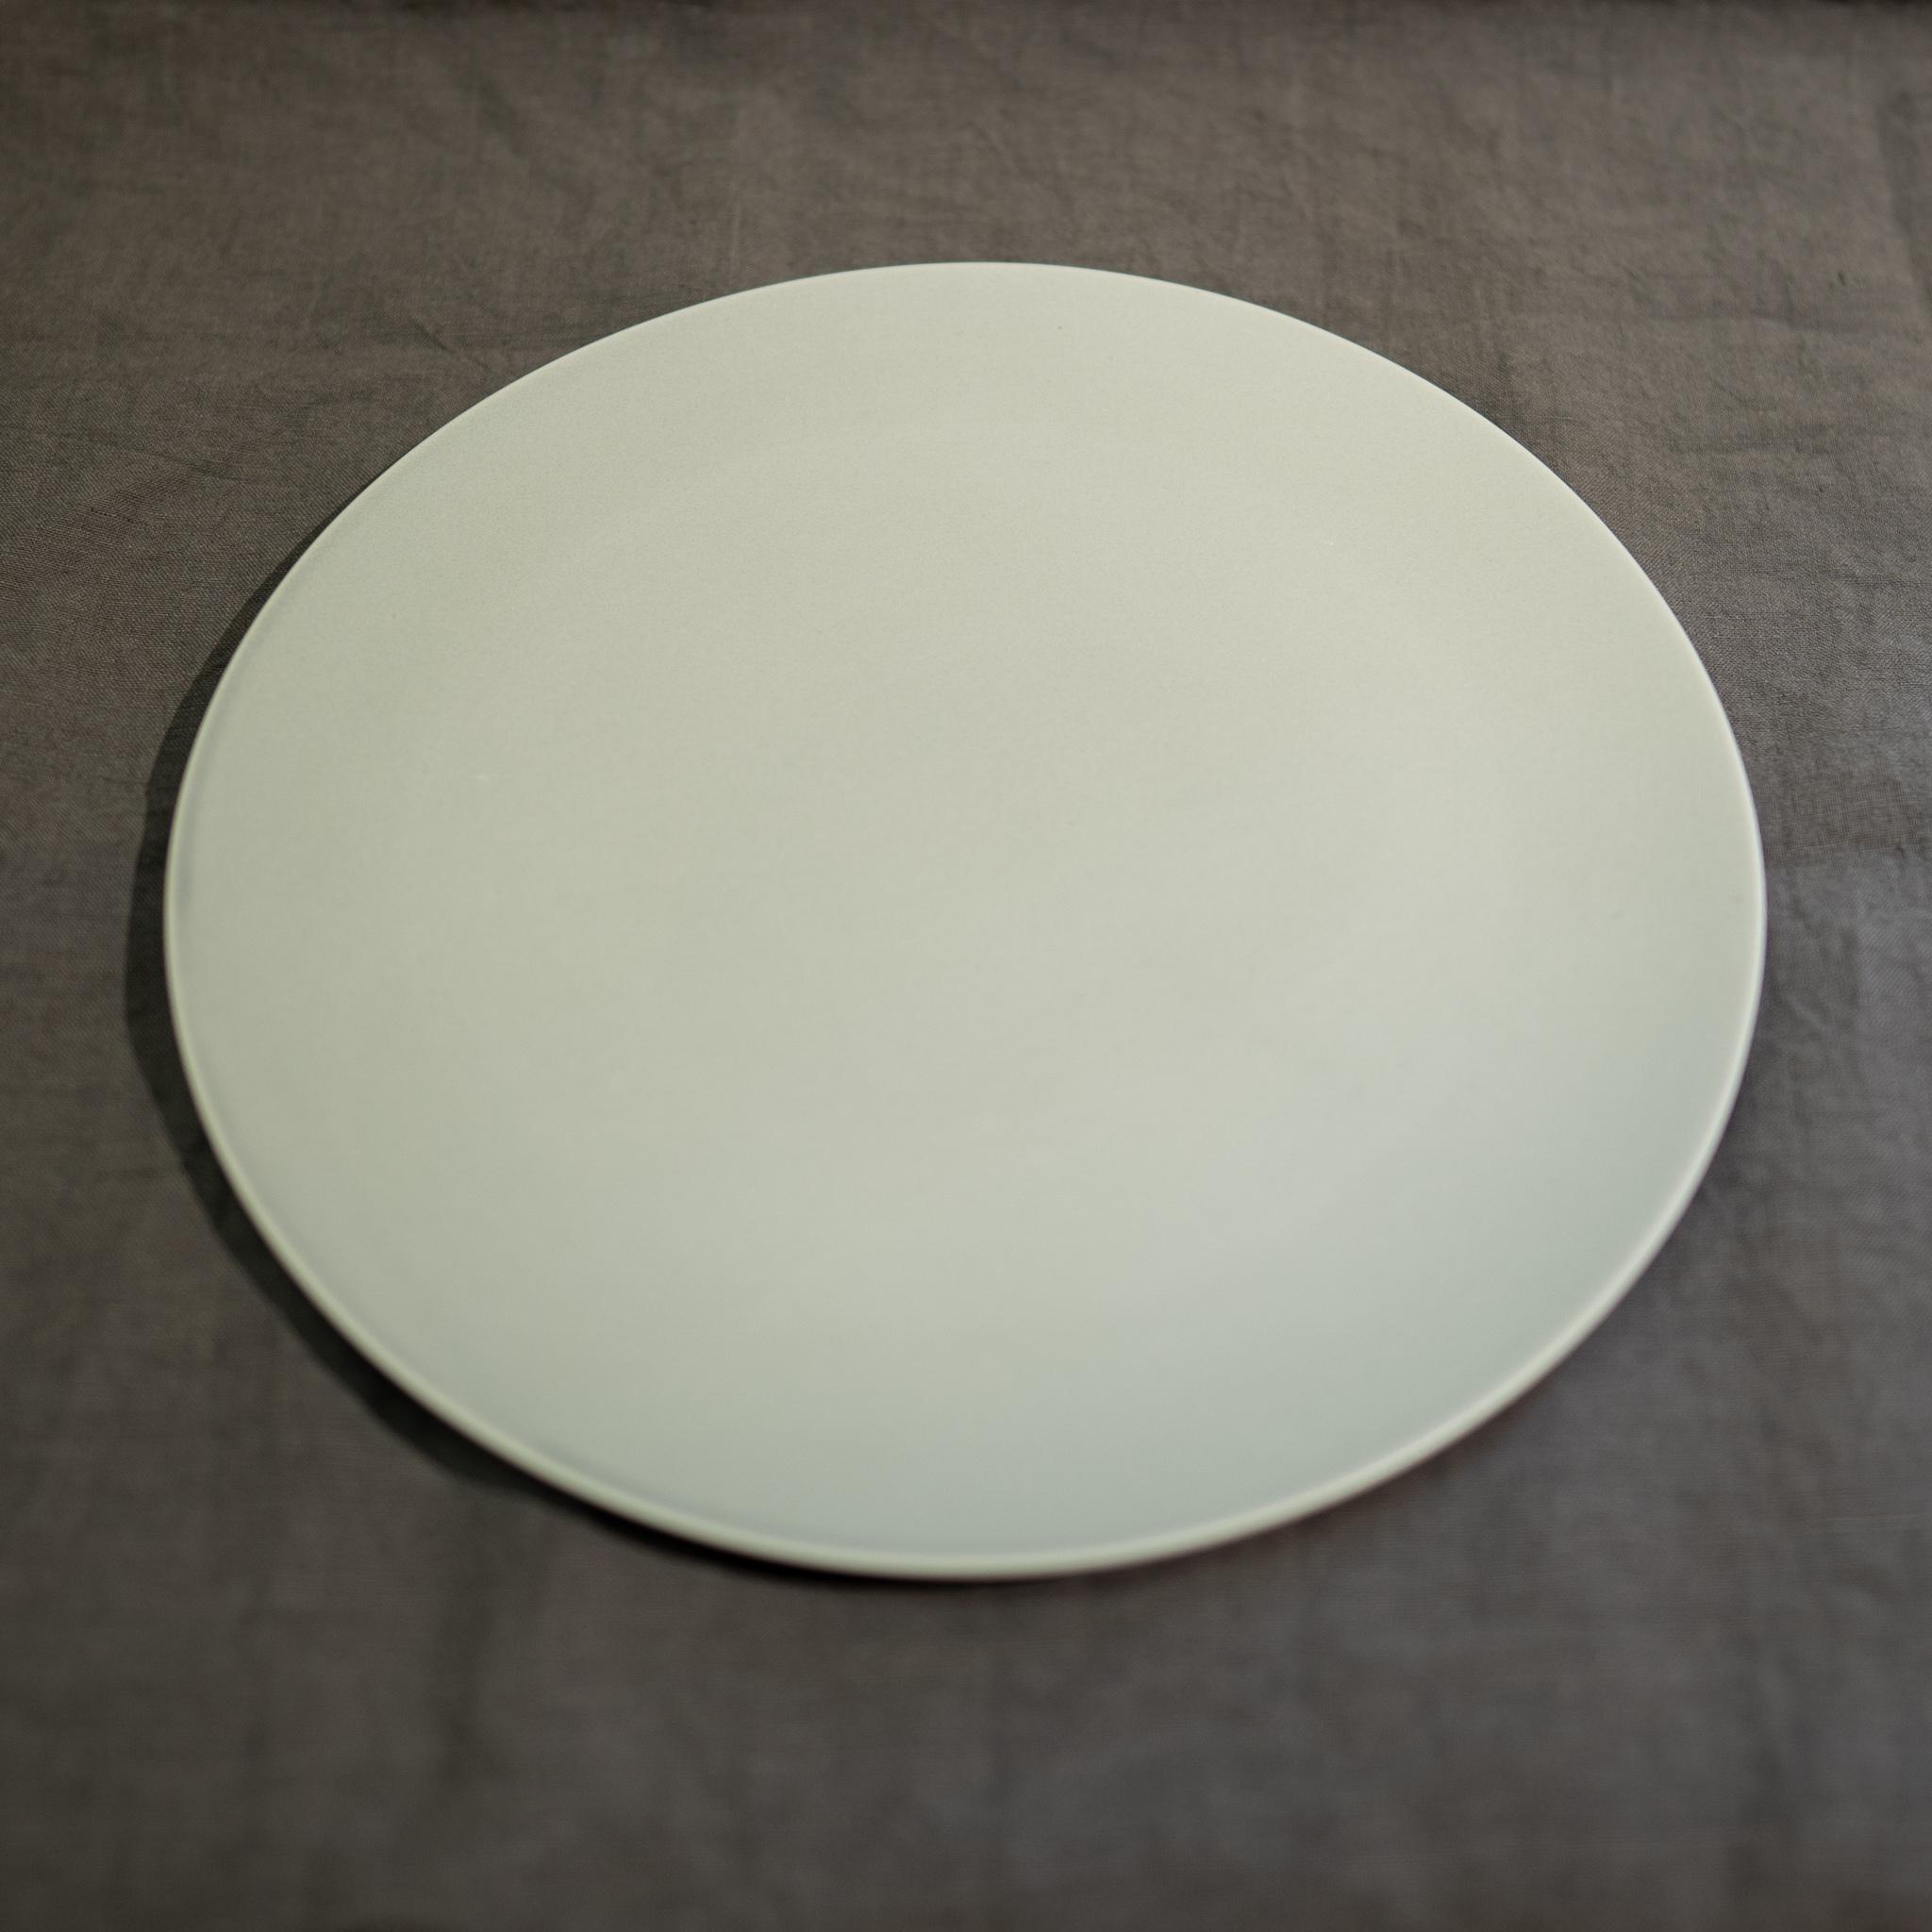 Stone プレート リッチホワイト 28cm